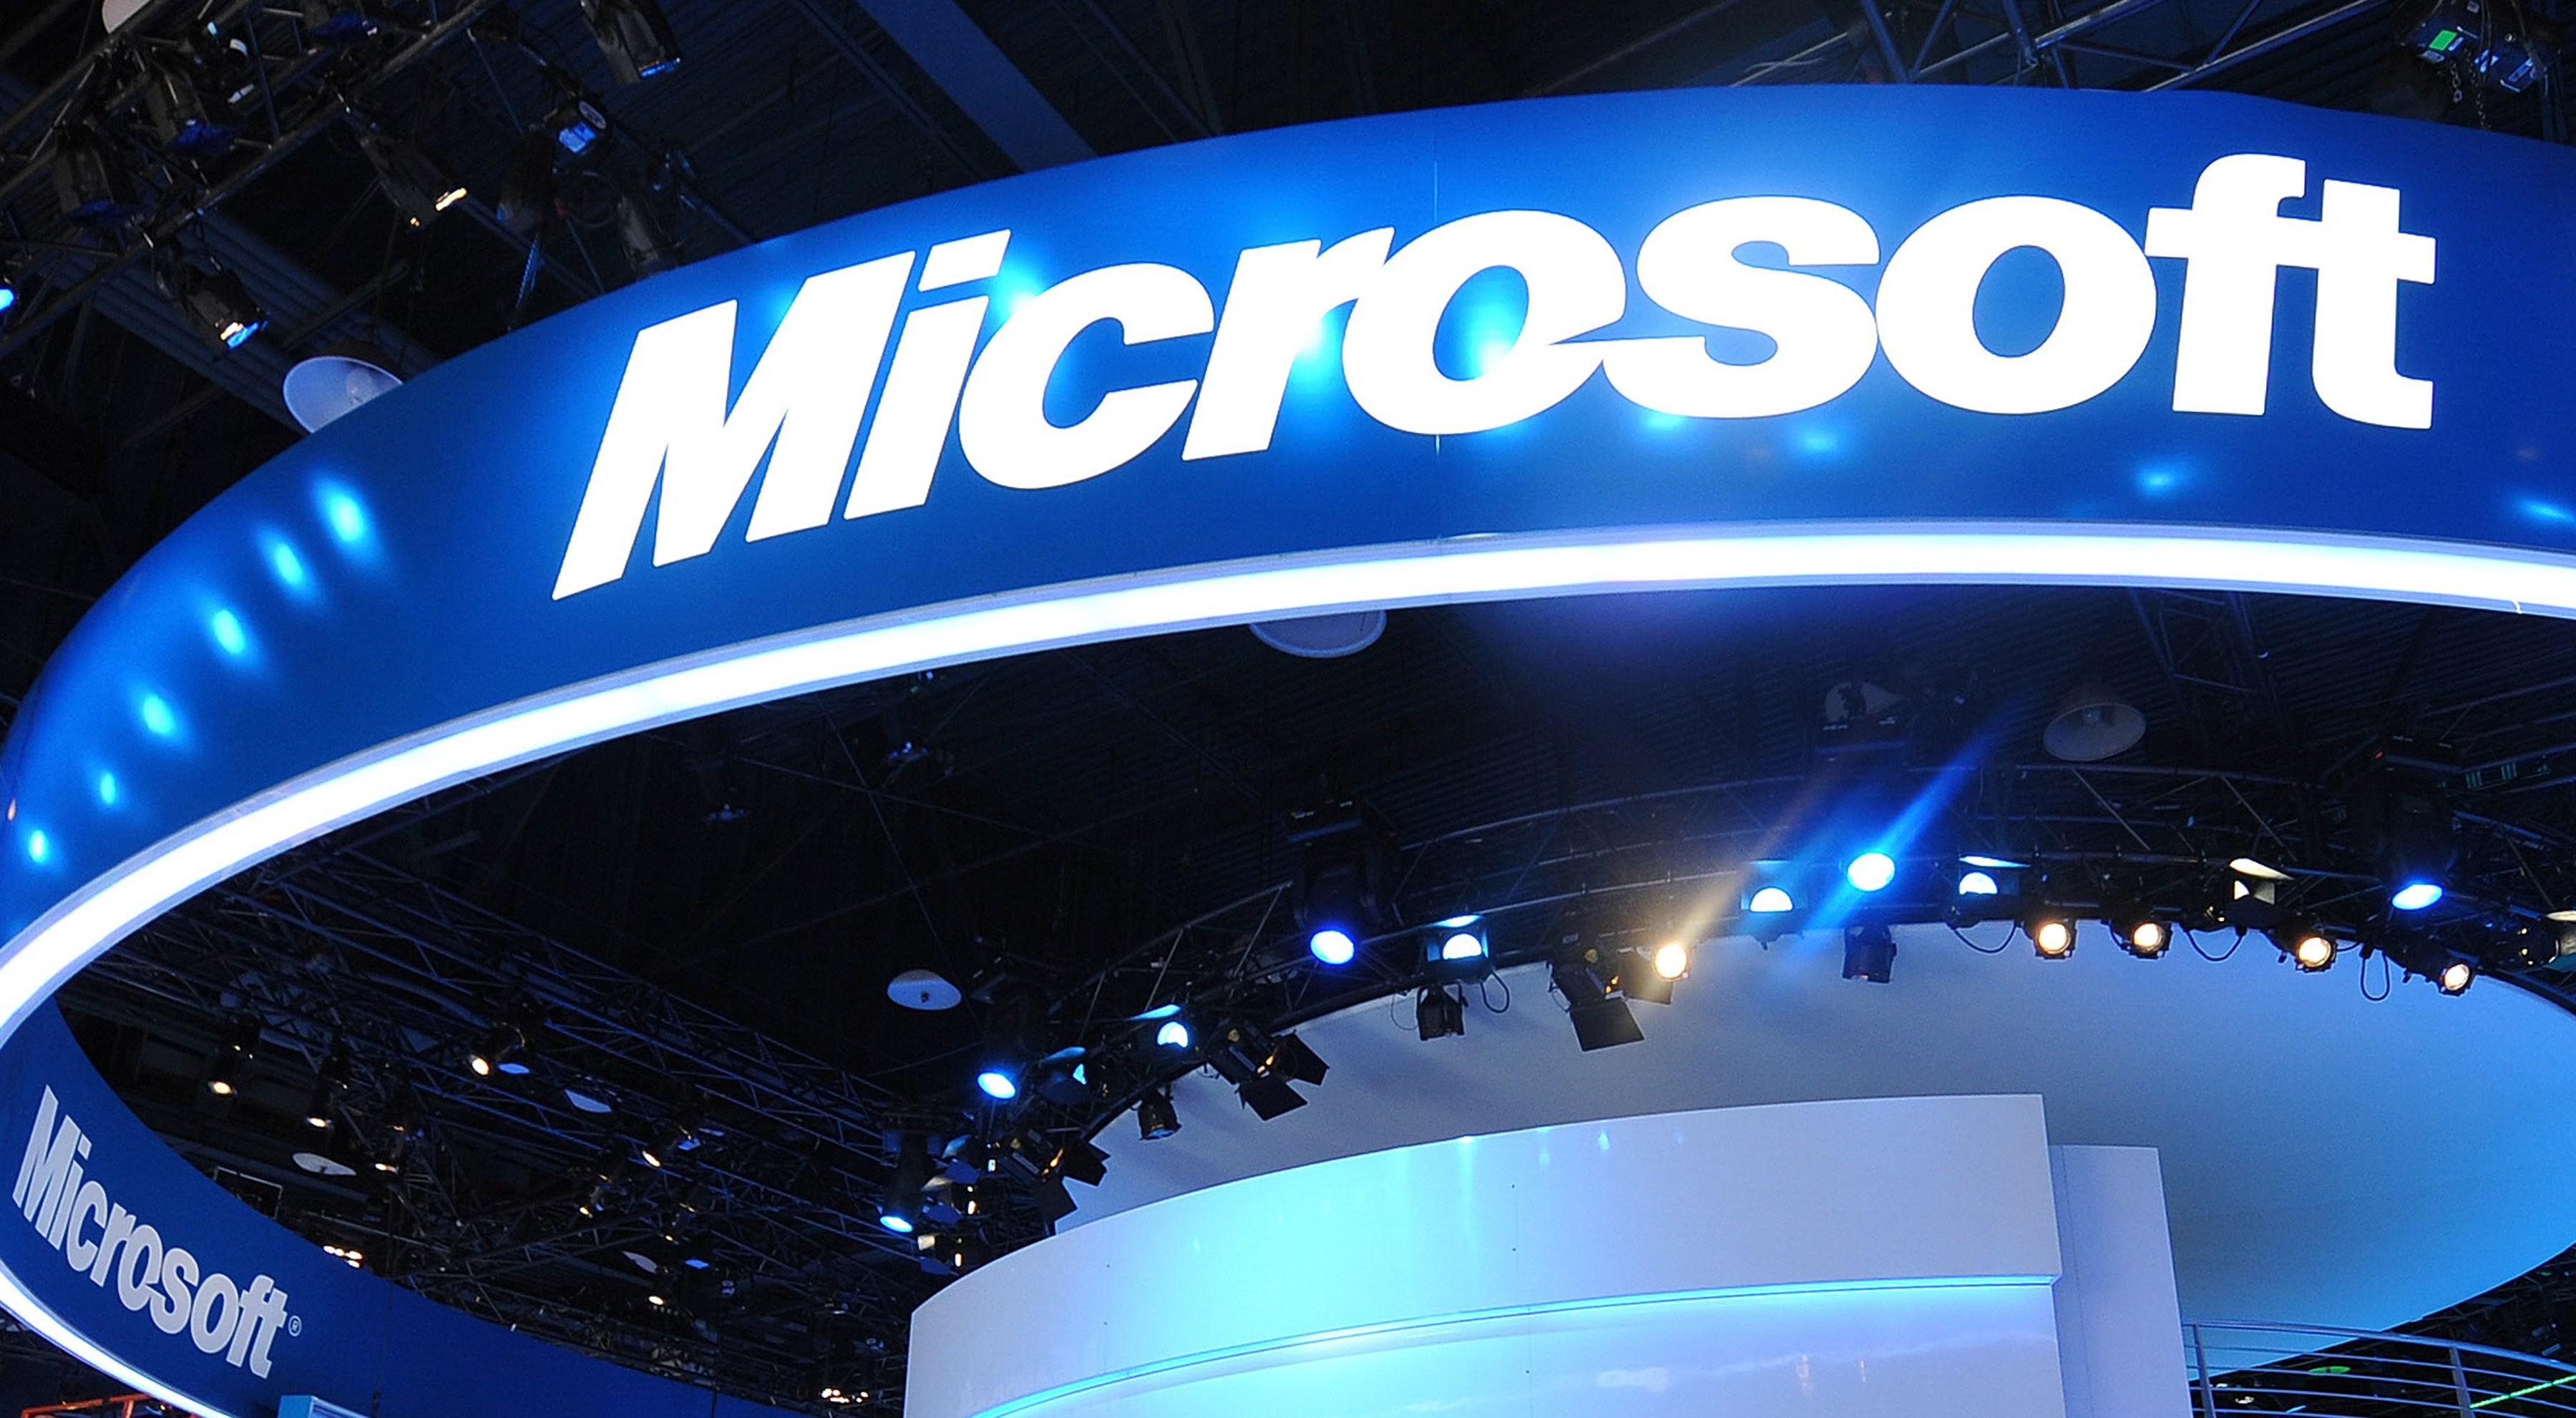 Microsoft picture it foto 2001 41